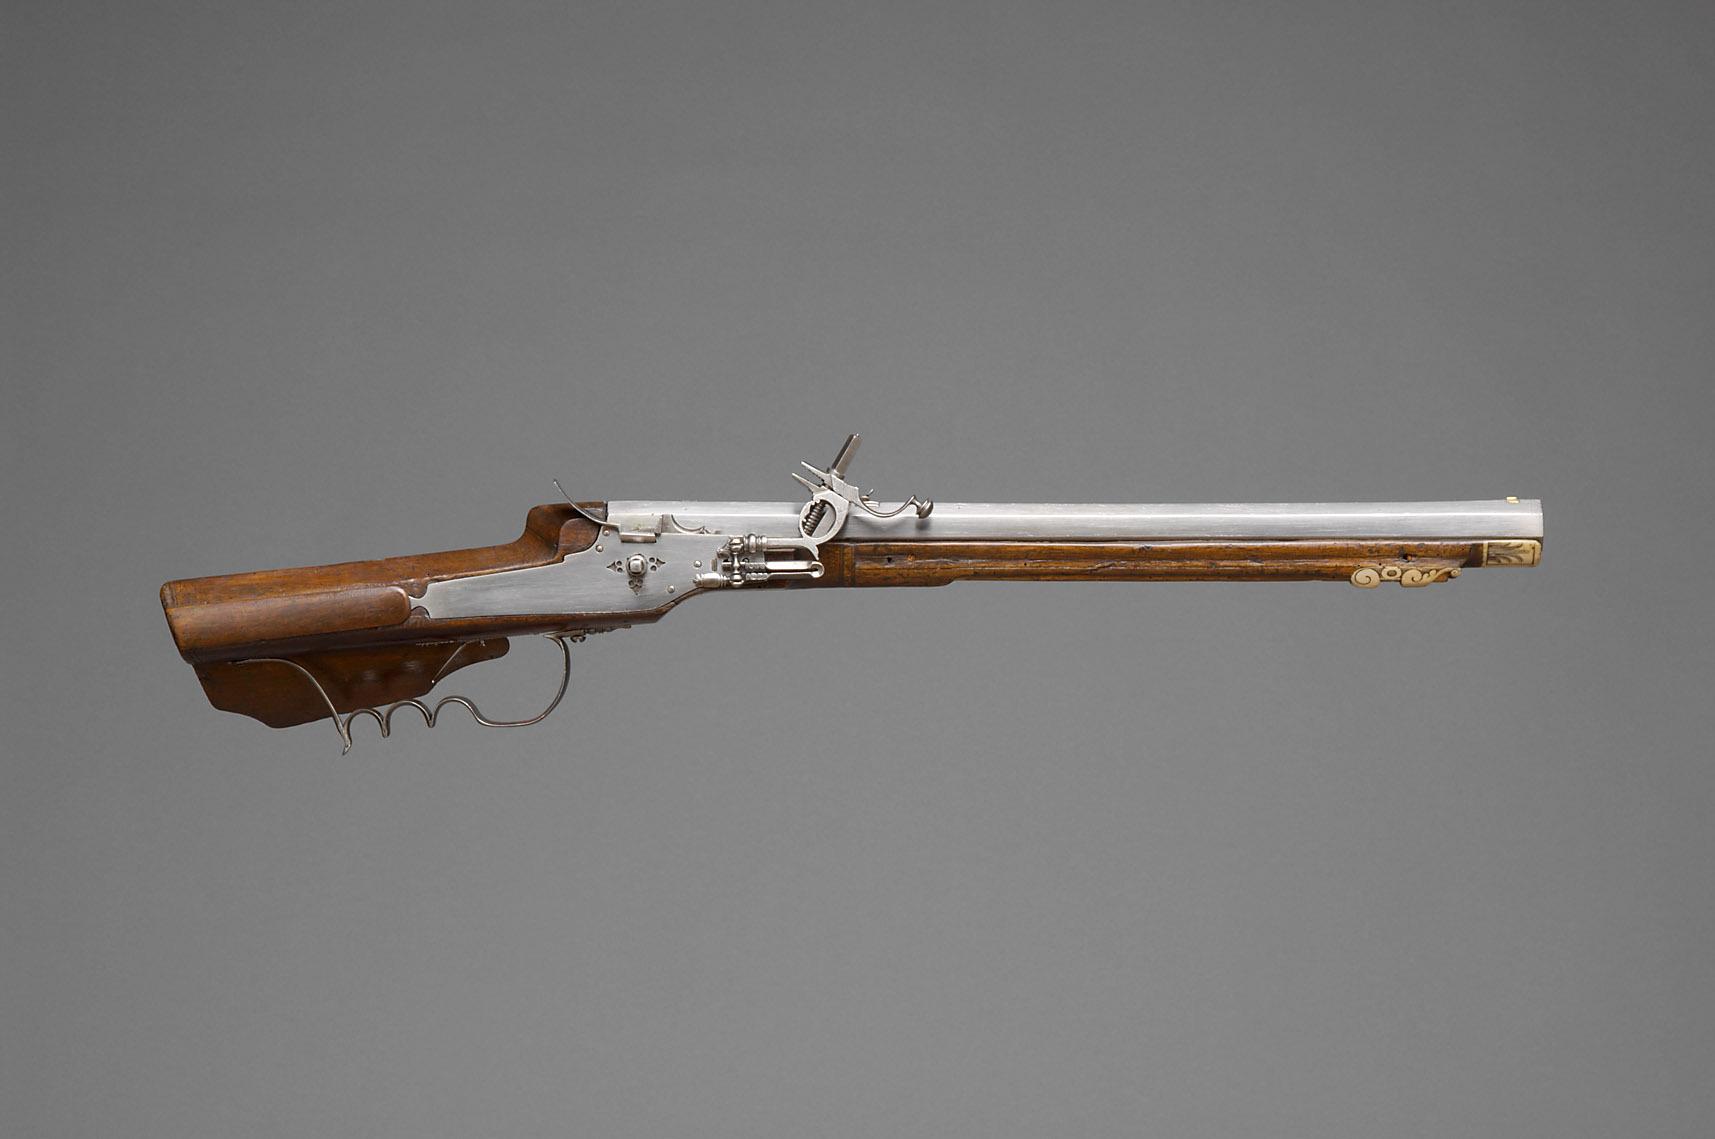 Radschlossgewehr von Giovanni Battista I. Francino